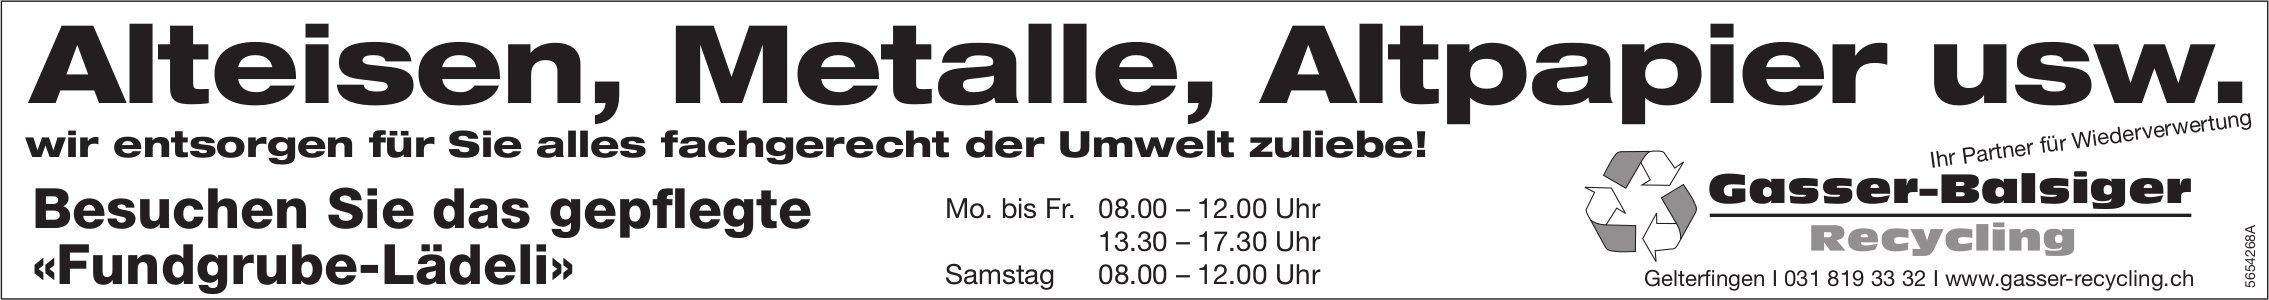 Gasser-Balsiger Recycling, Gelterfingen - Alteisen, Metalle, Altpapier usw.